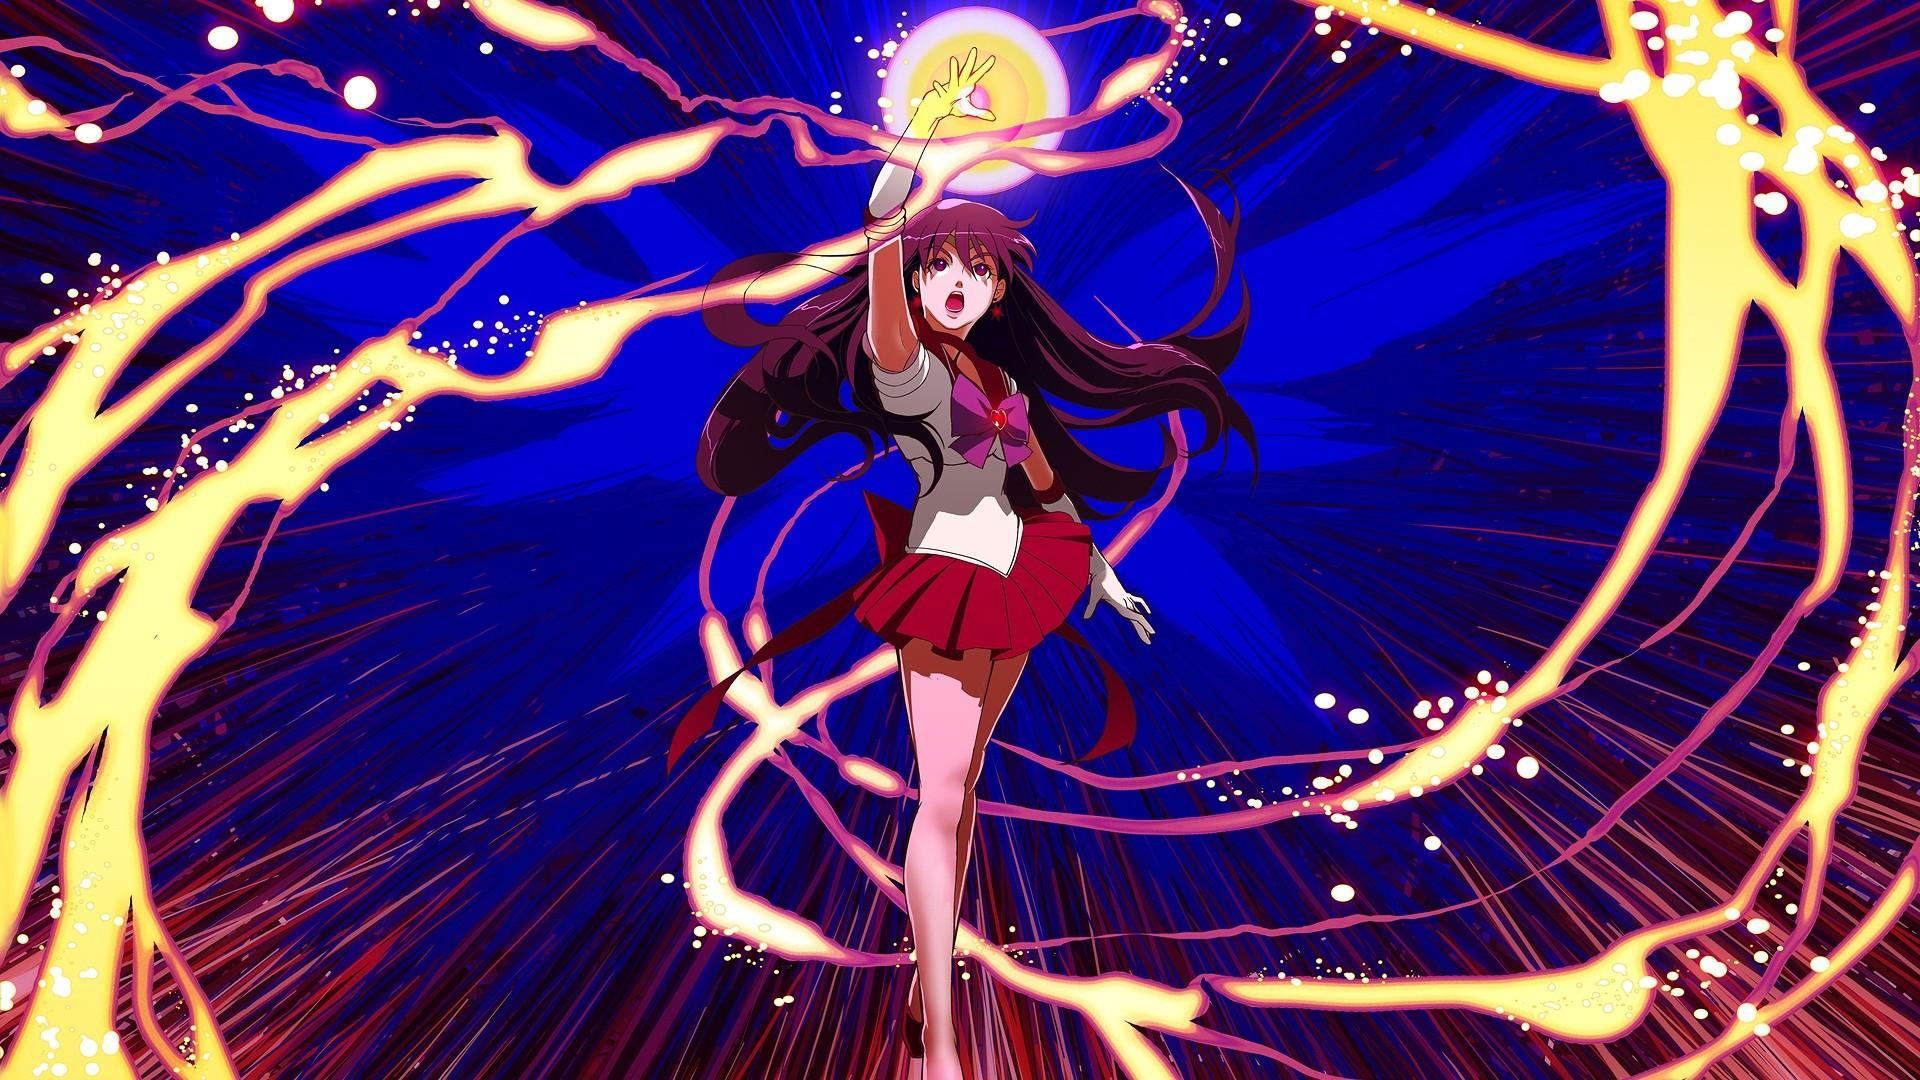 Sailor Moon HD Wallpaper 1920x1080 (73+ Images